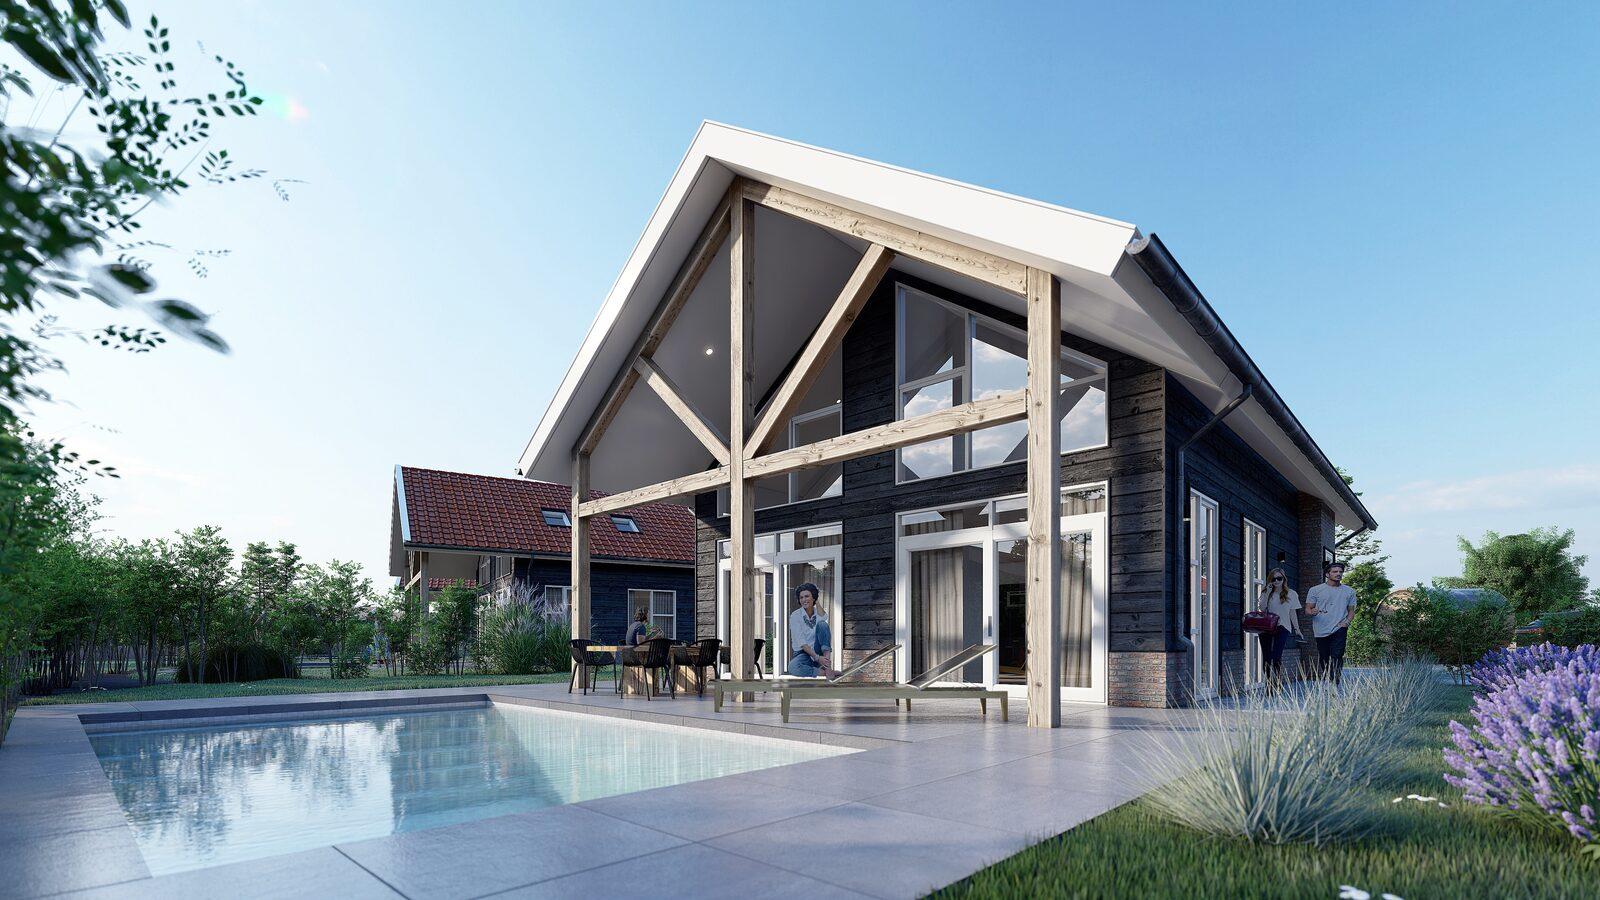 Op Résidence Lichtenvoorde zijn wij druk bezig met de aanleg van het nieuwe villa park. Binnenkort kunt u genieten van deze luxe en dat in eigen land!